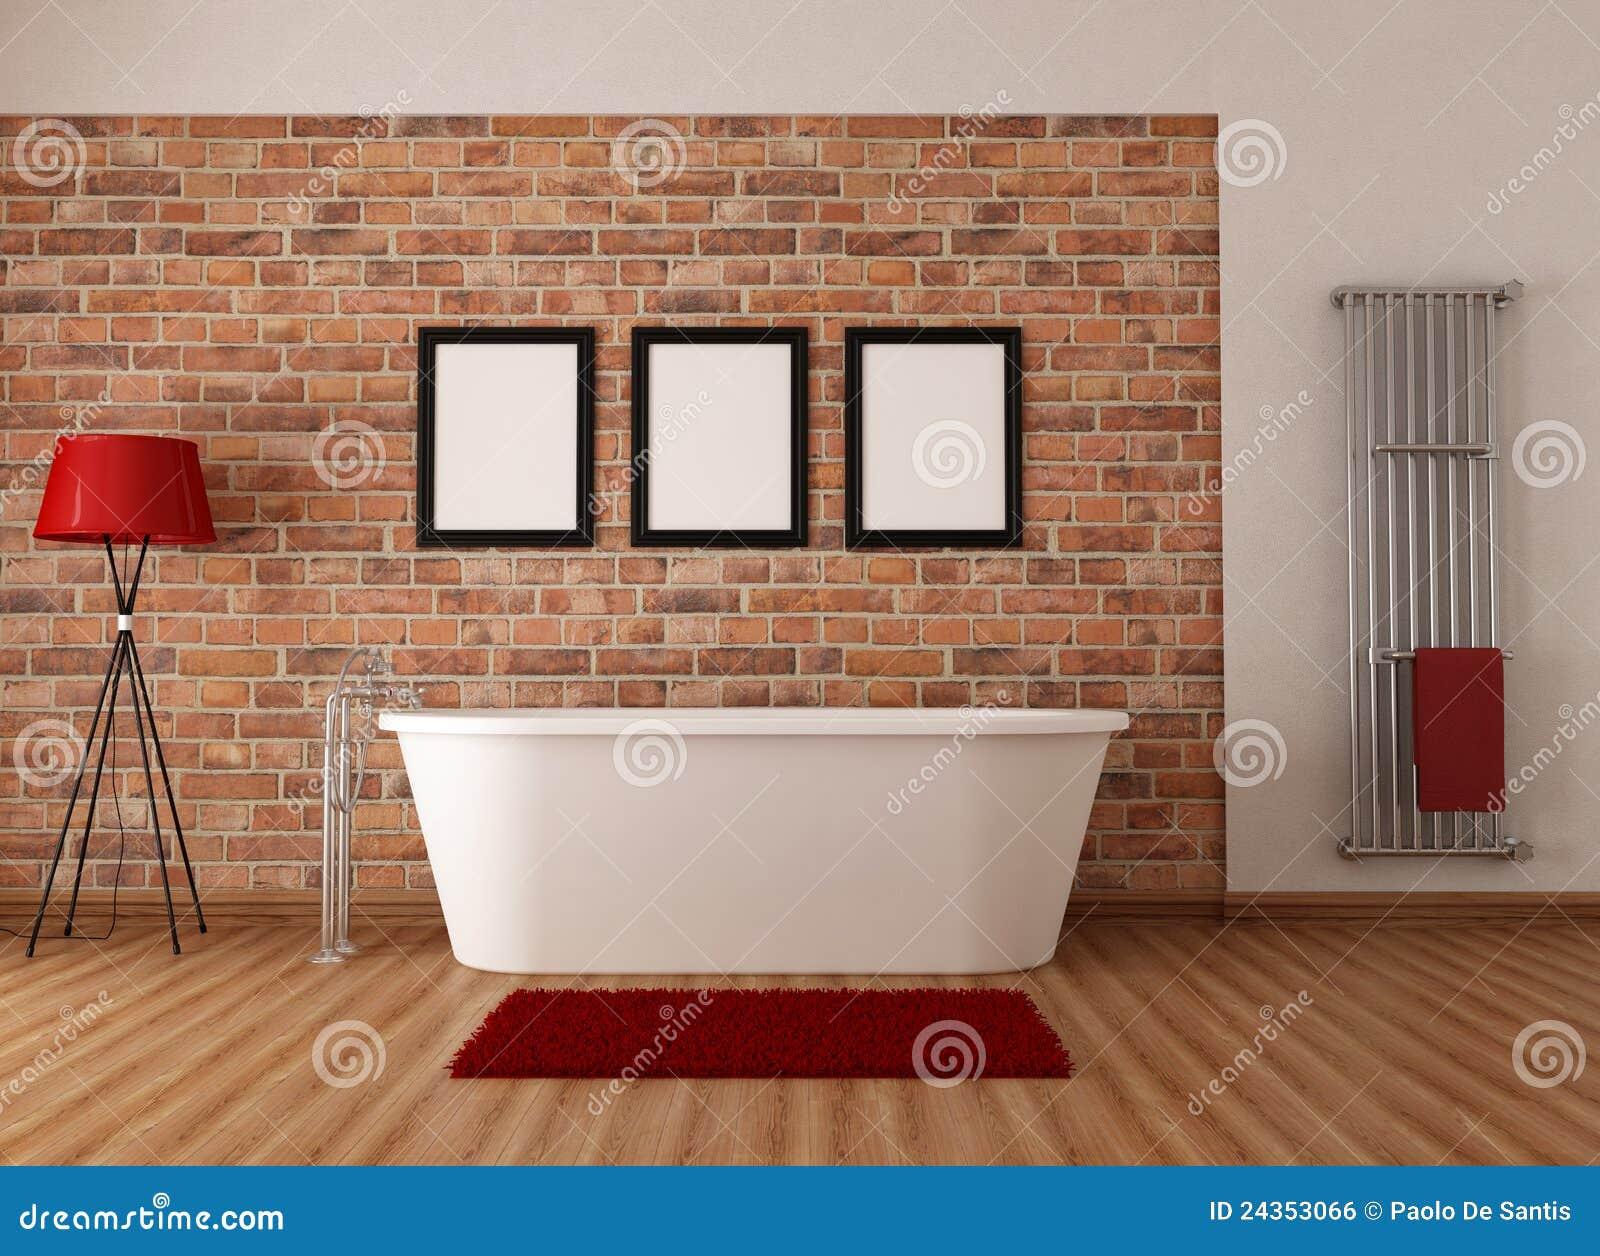 Banheiro Do Vintage Imagem de Stock Royalty Free Imagem: 24353066 #B11C1A 1300x1037 Banheiro Com Banheira Retro